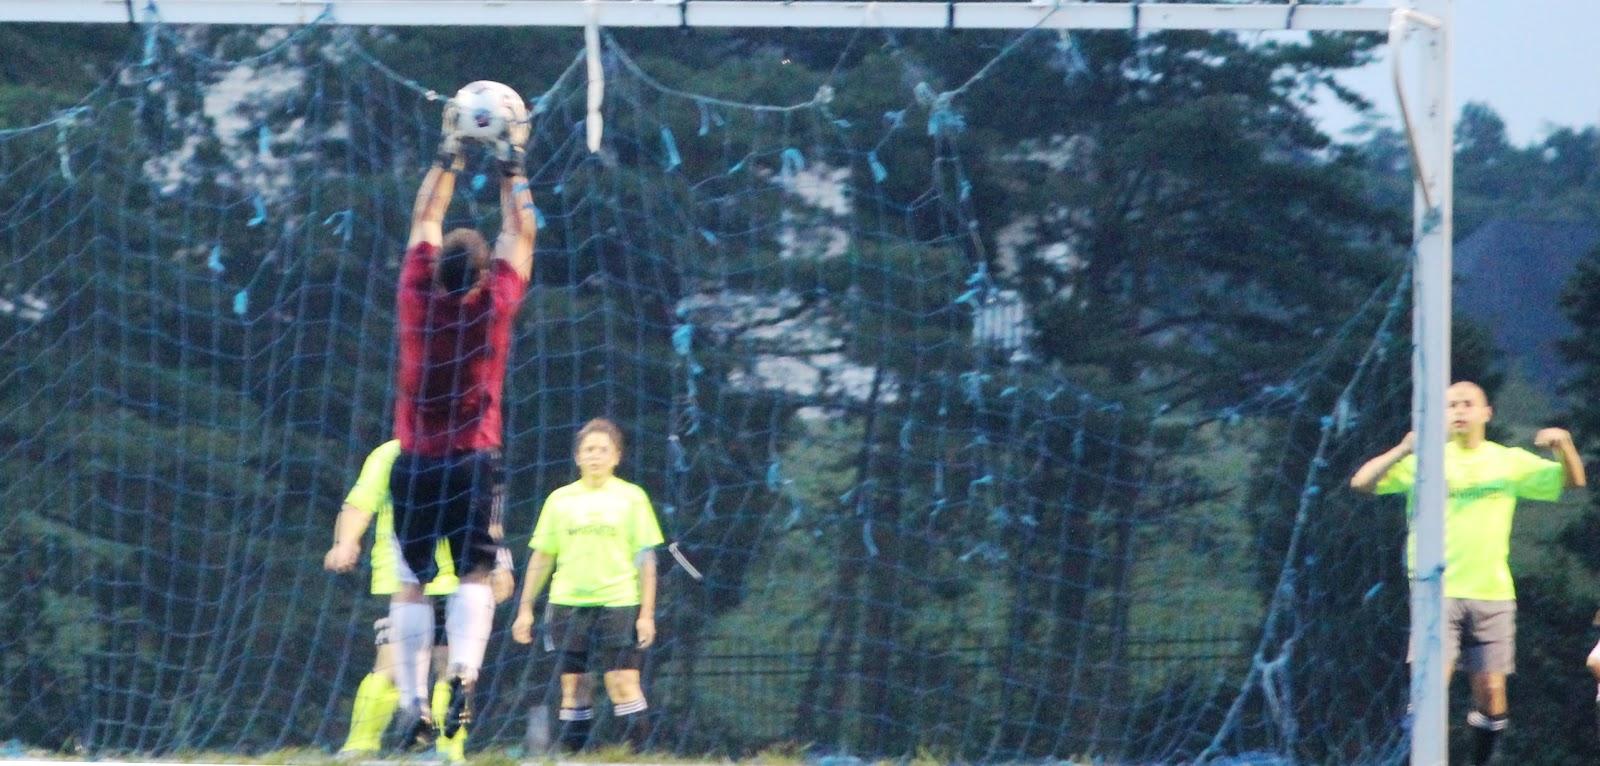 Lake Fairfax Soccer At Dusk